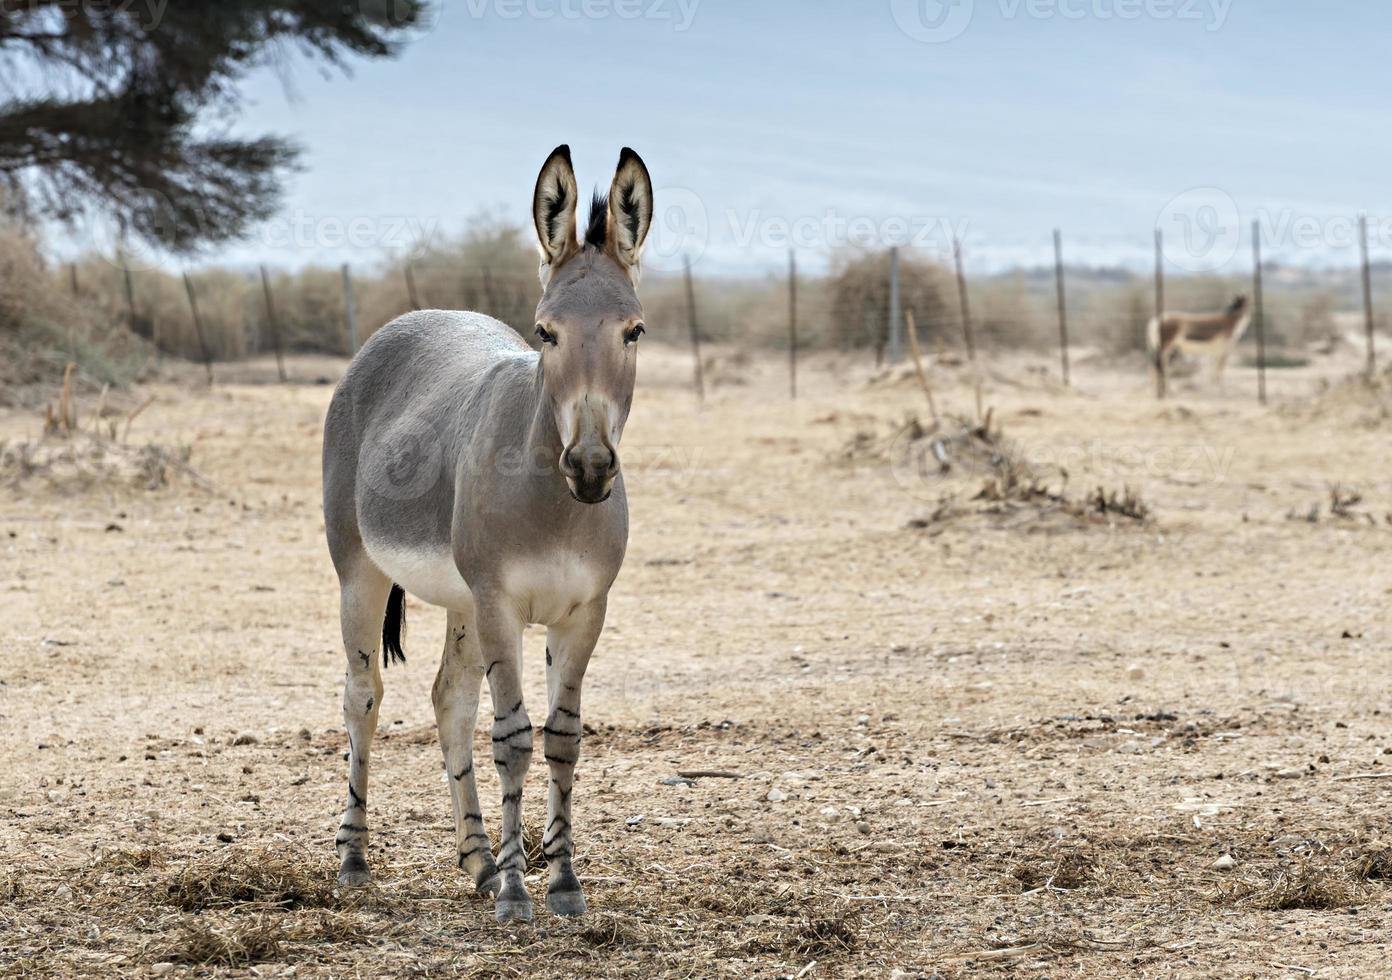 burro selvagem somaliano (equus africanus) na reserva natural israelense foto